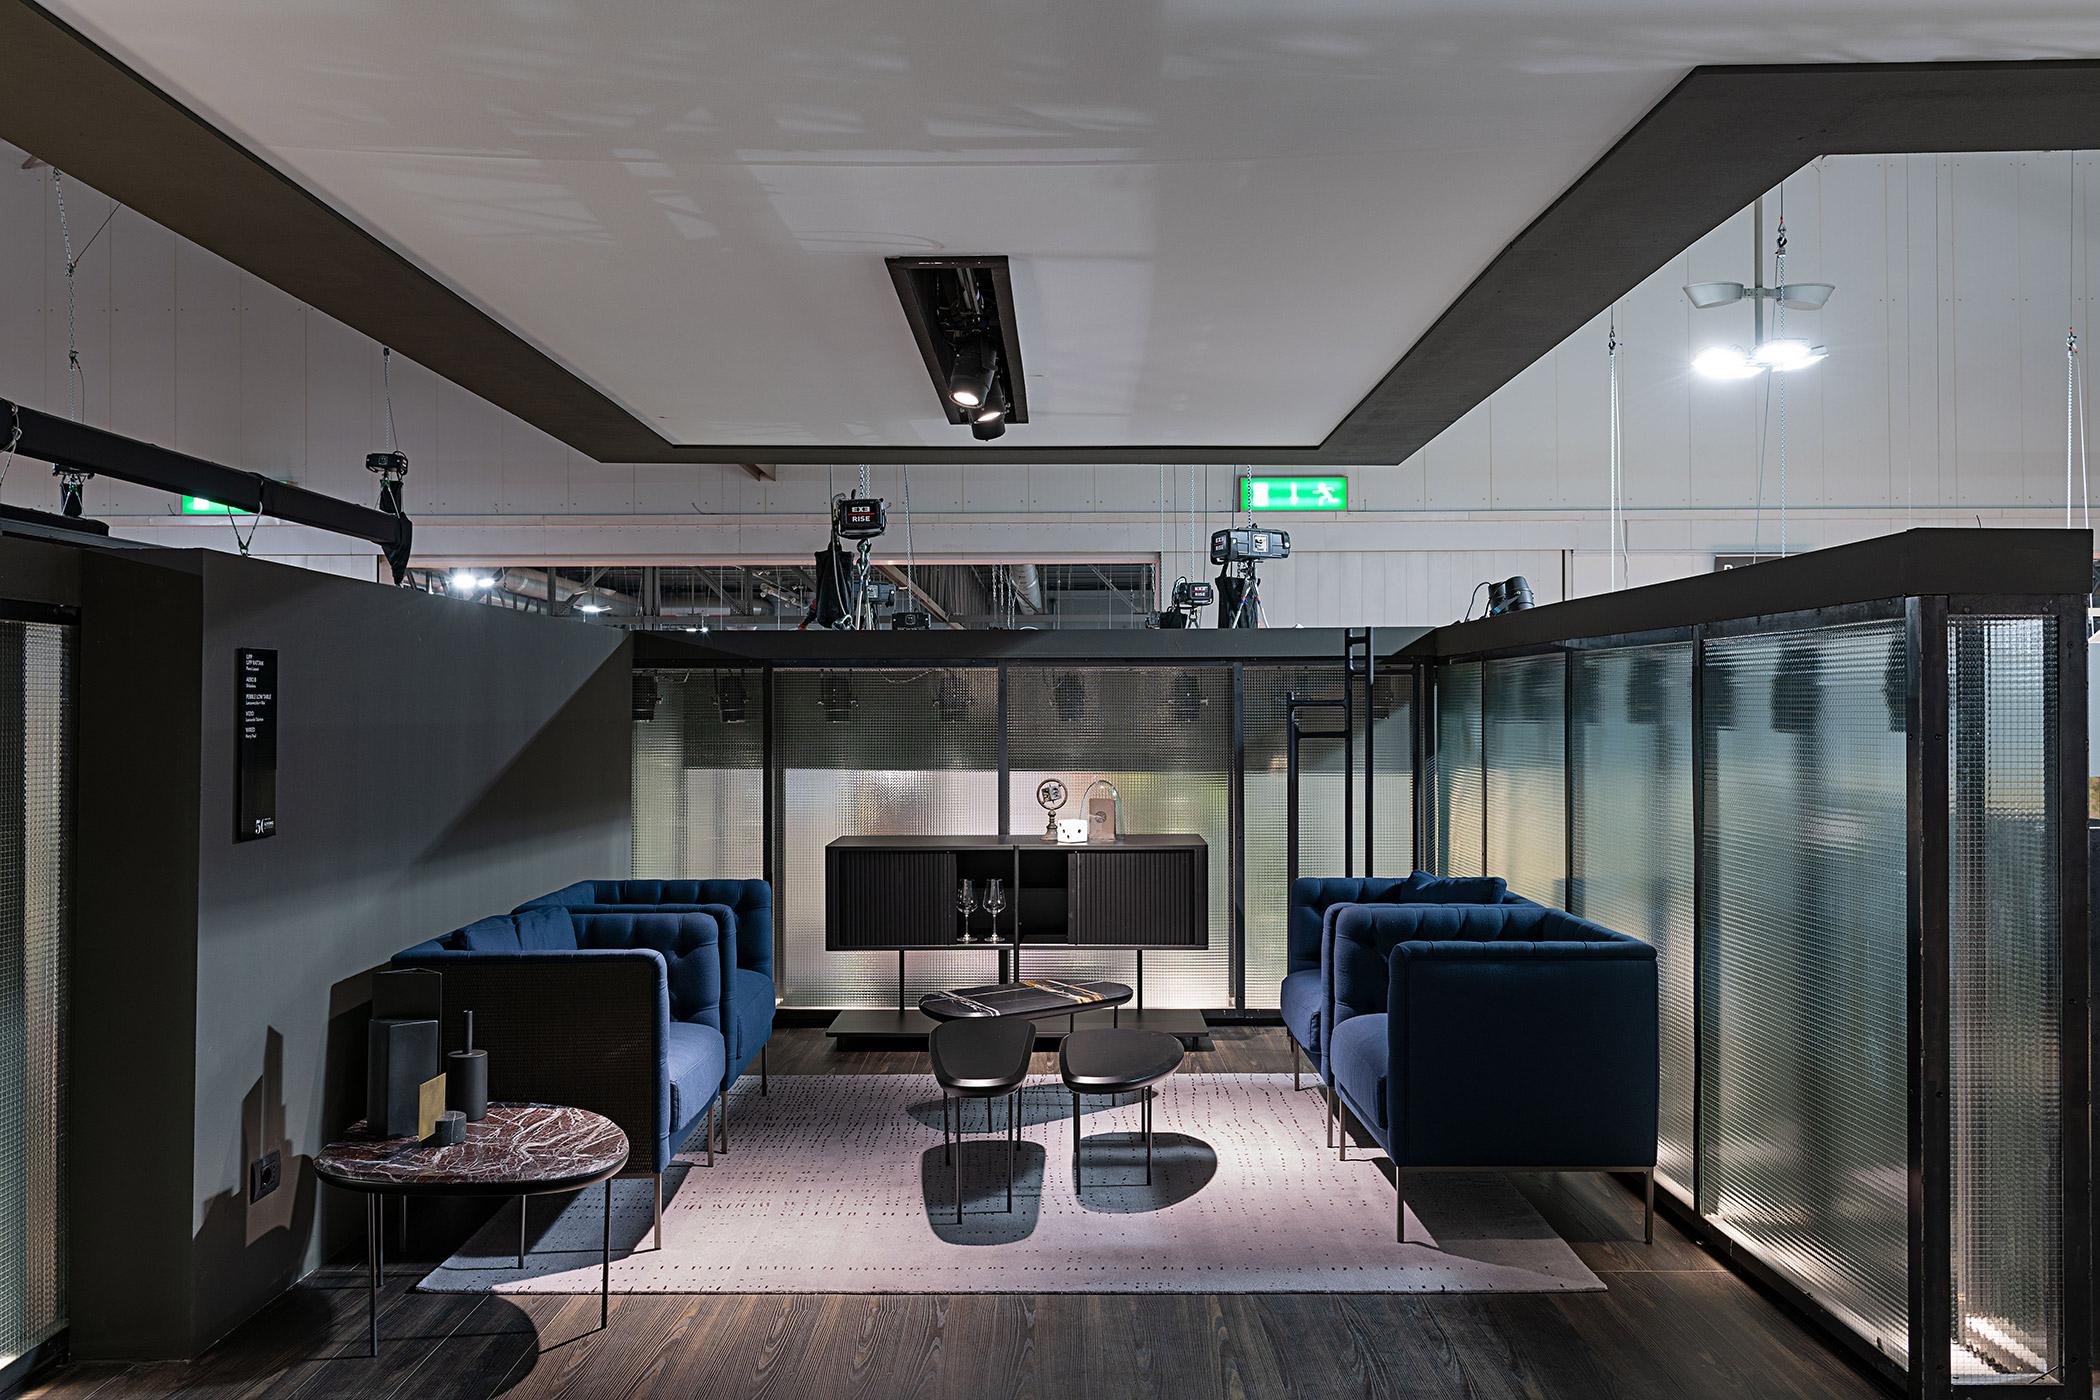 7-SOPPALCO-CHIMENTI-Living-Salone-Milano-2019